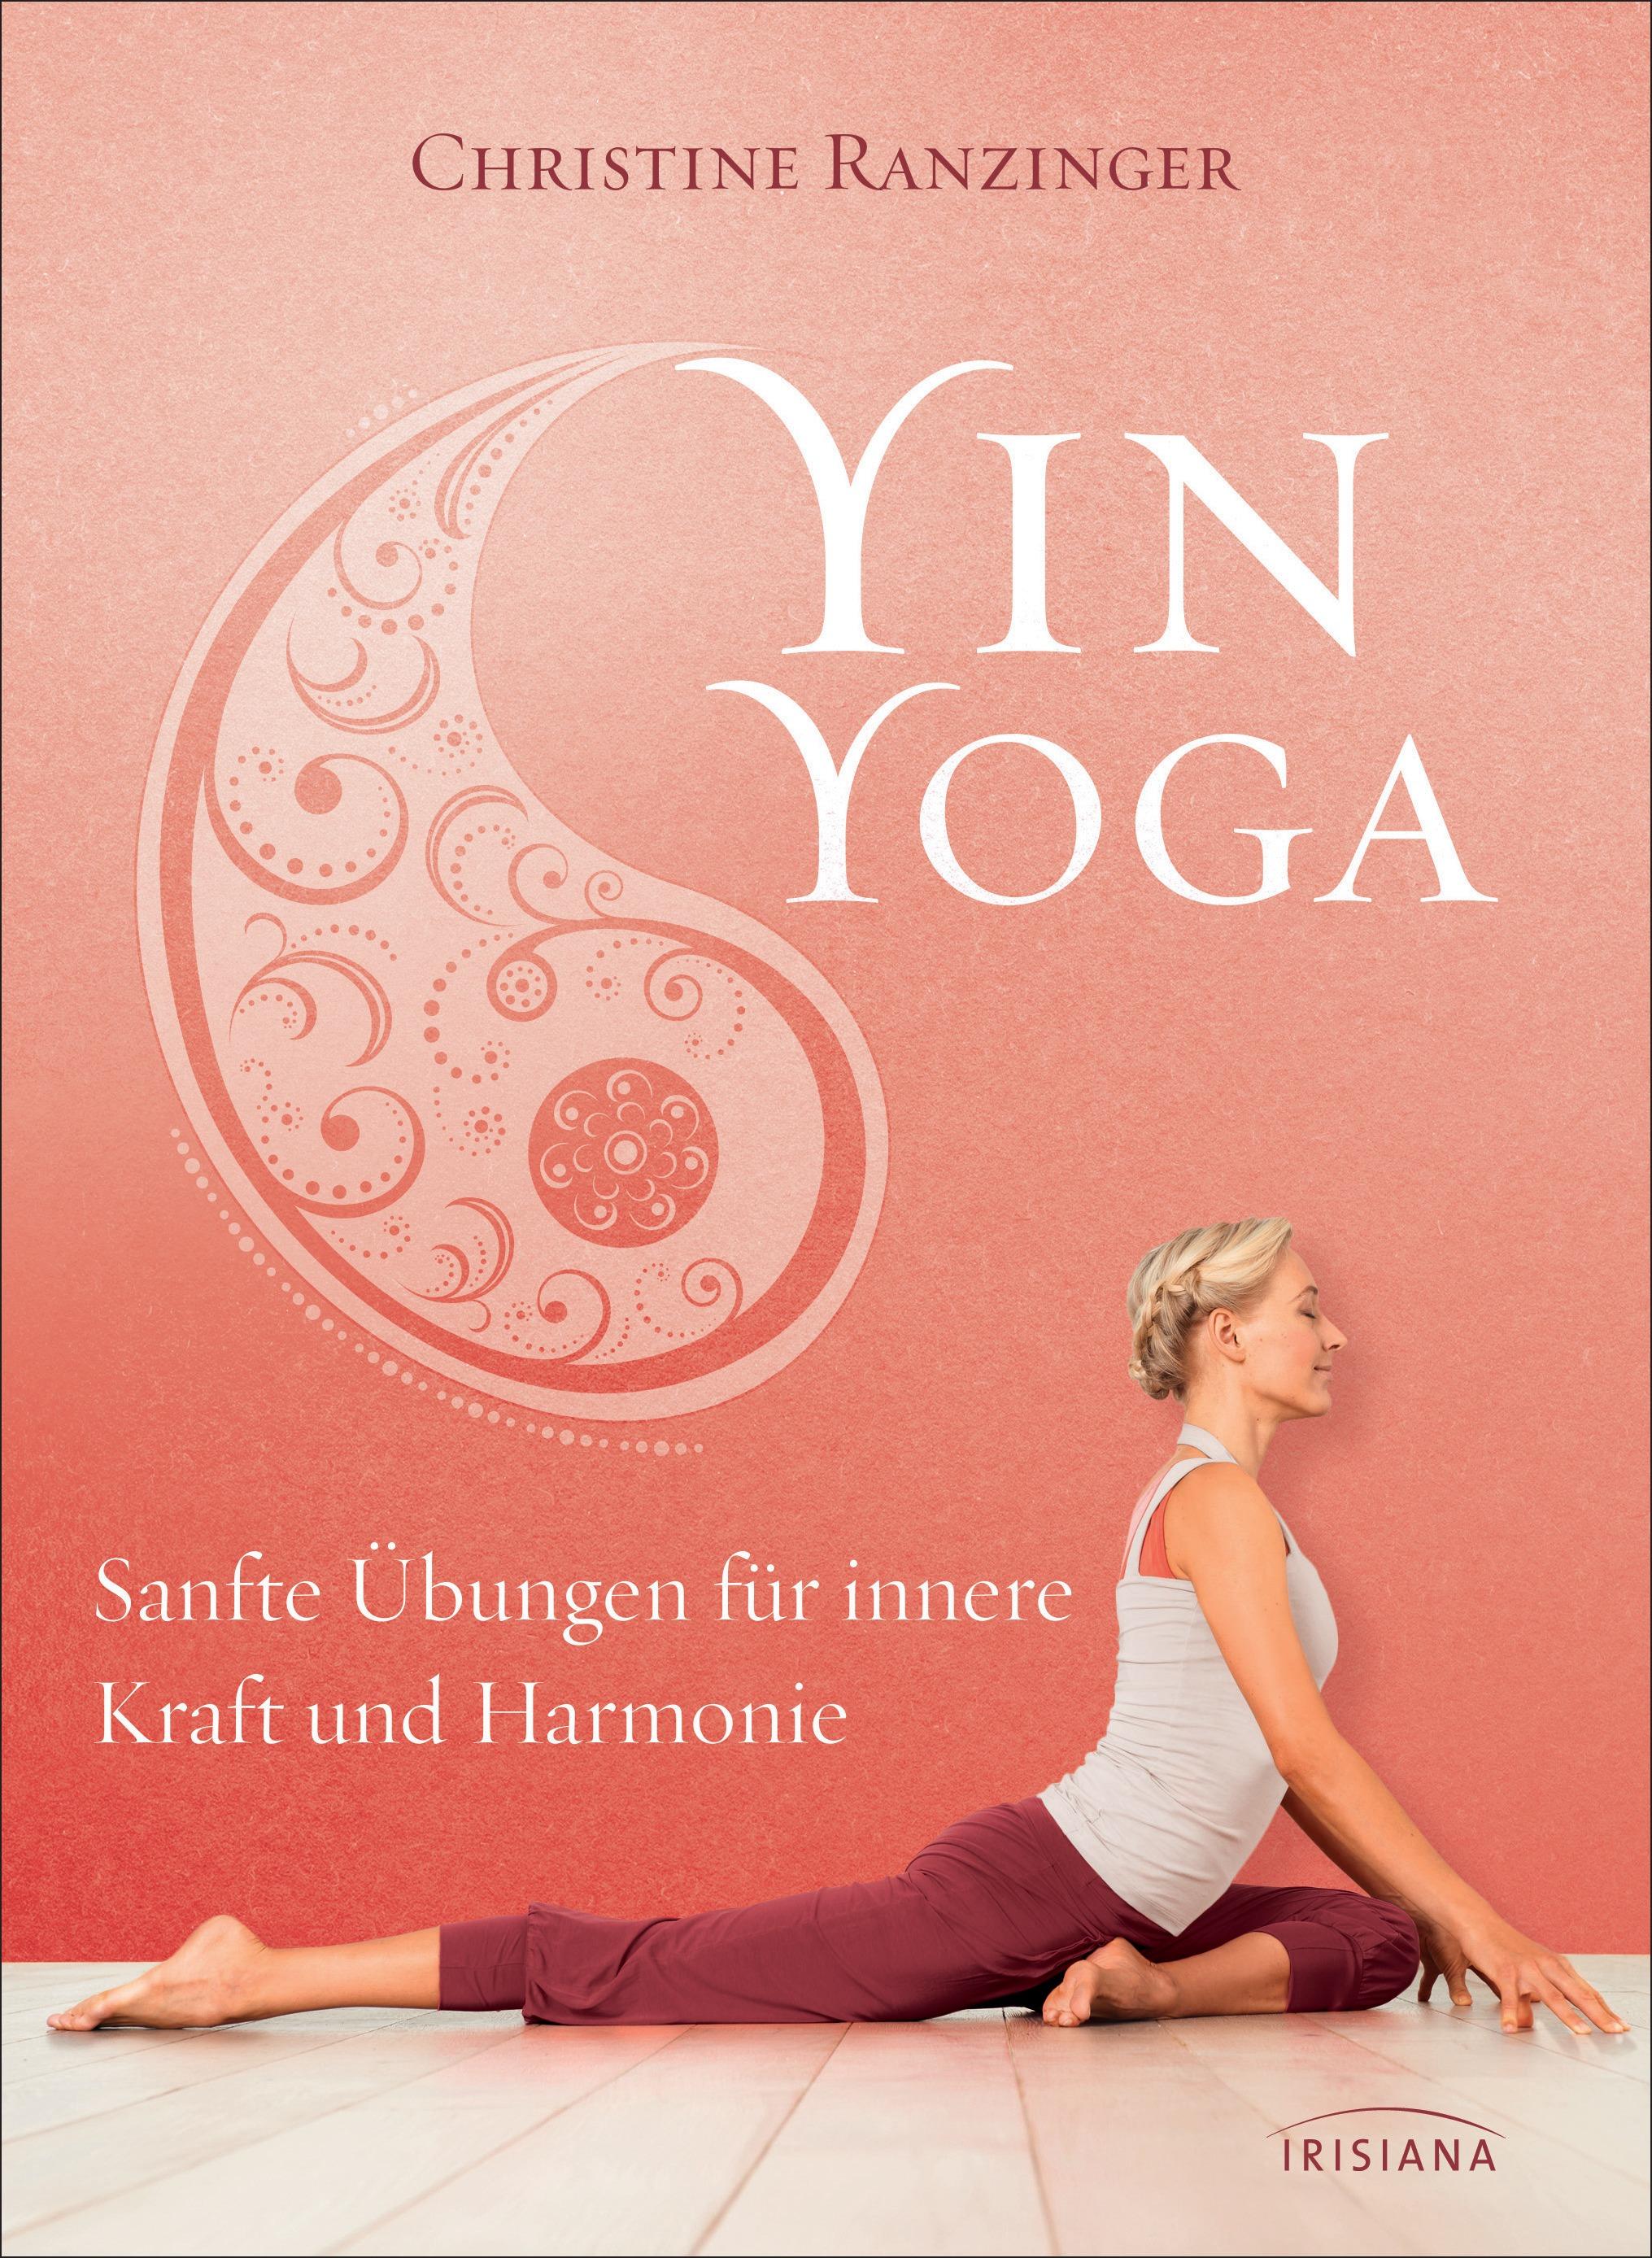 Yin Yoga: Sanfte Übungen für innere Kraft und Harmonie. Mit einem Vorwort von Dr. Robert Schleip. - Ranzinger, Christine